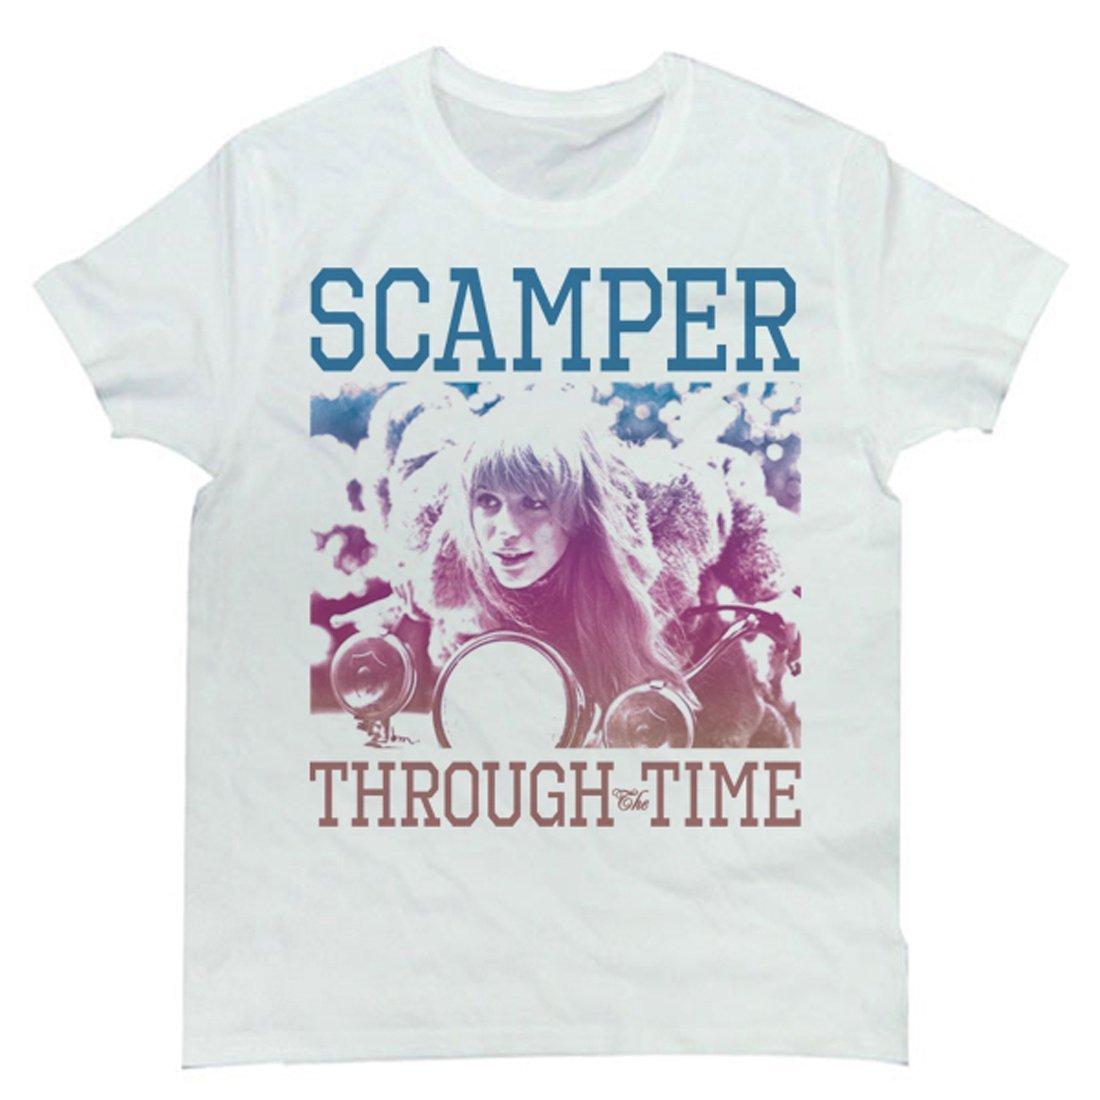 マリアンヌフェイスフル 海外限定Tシャツ 日本未発売 rolling stones Marianne Faithfull ミックジャガー